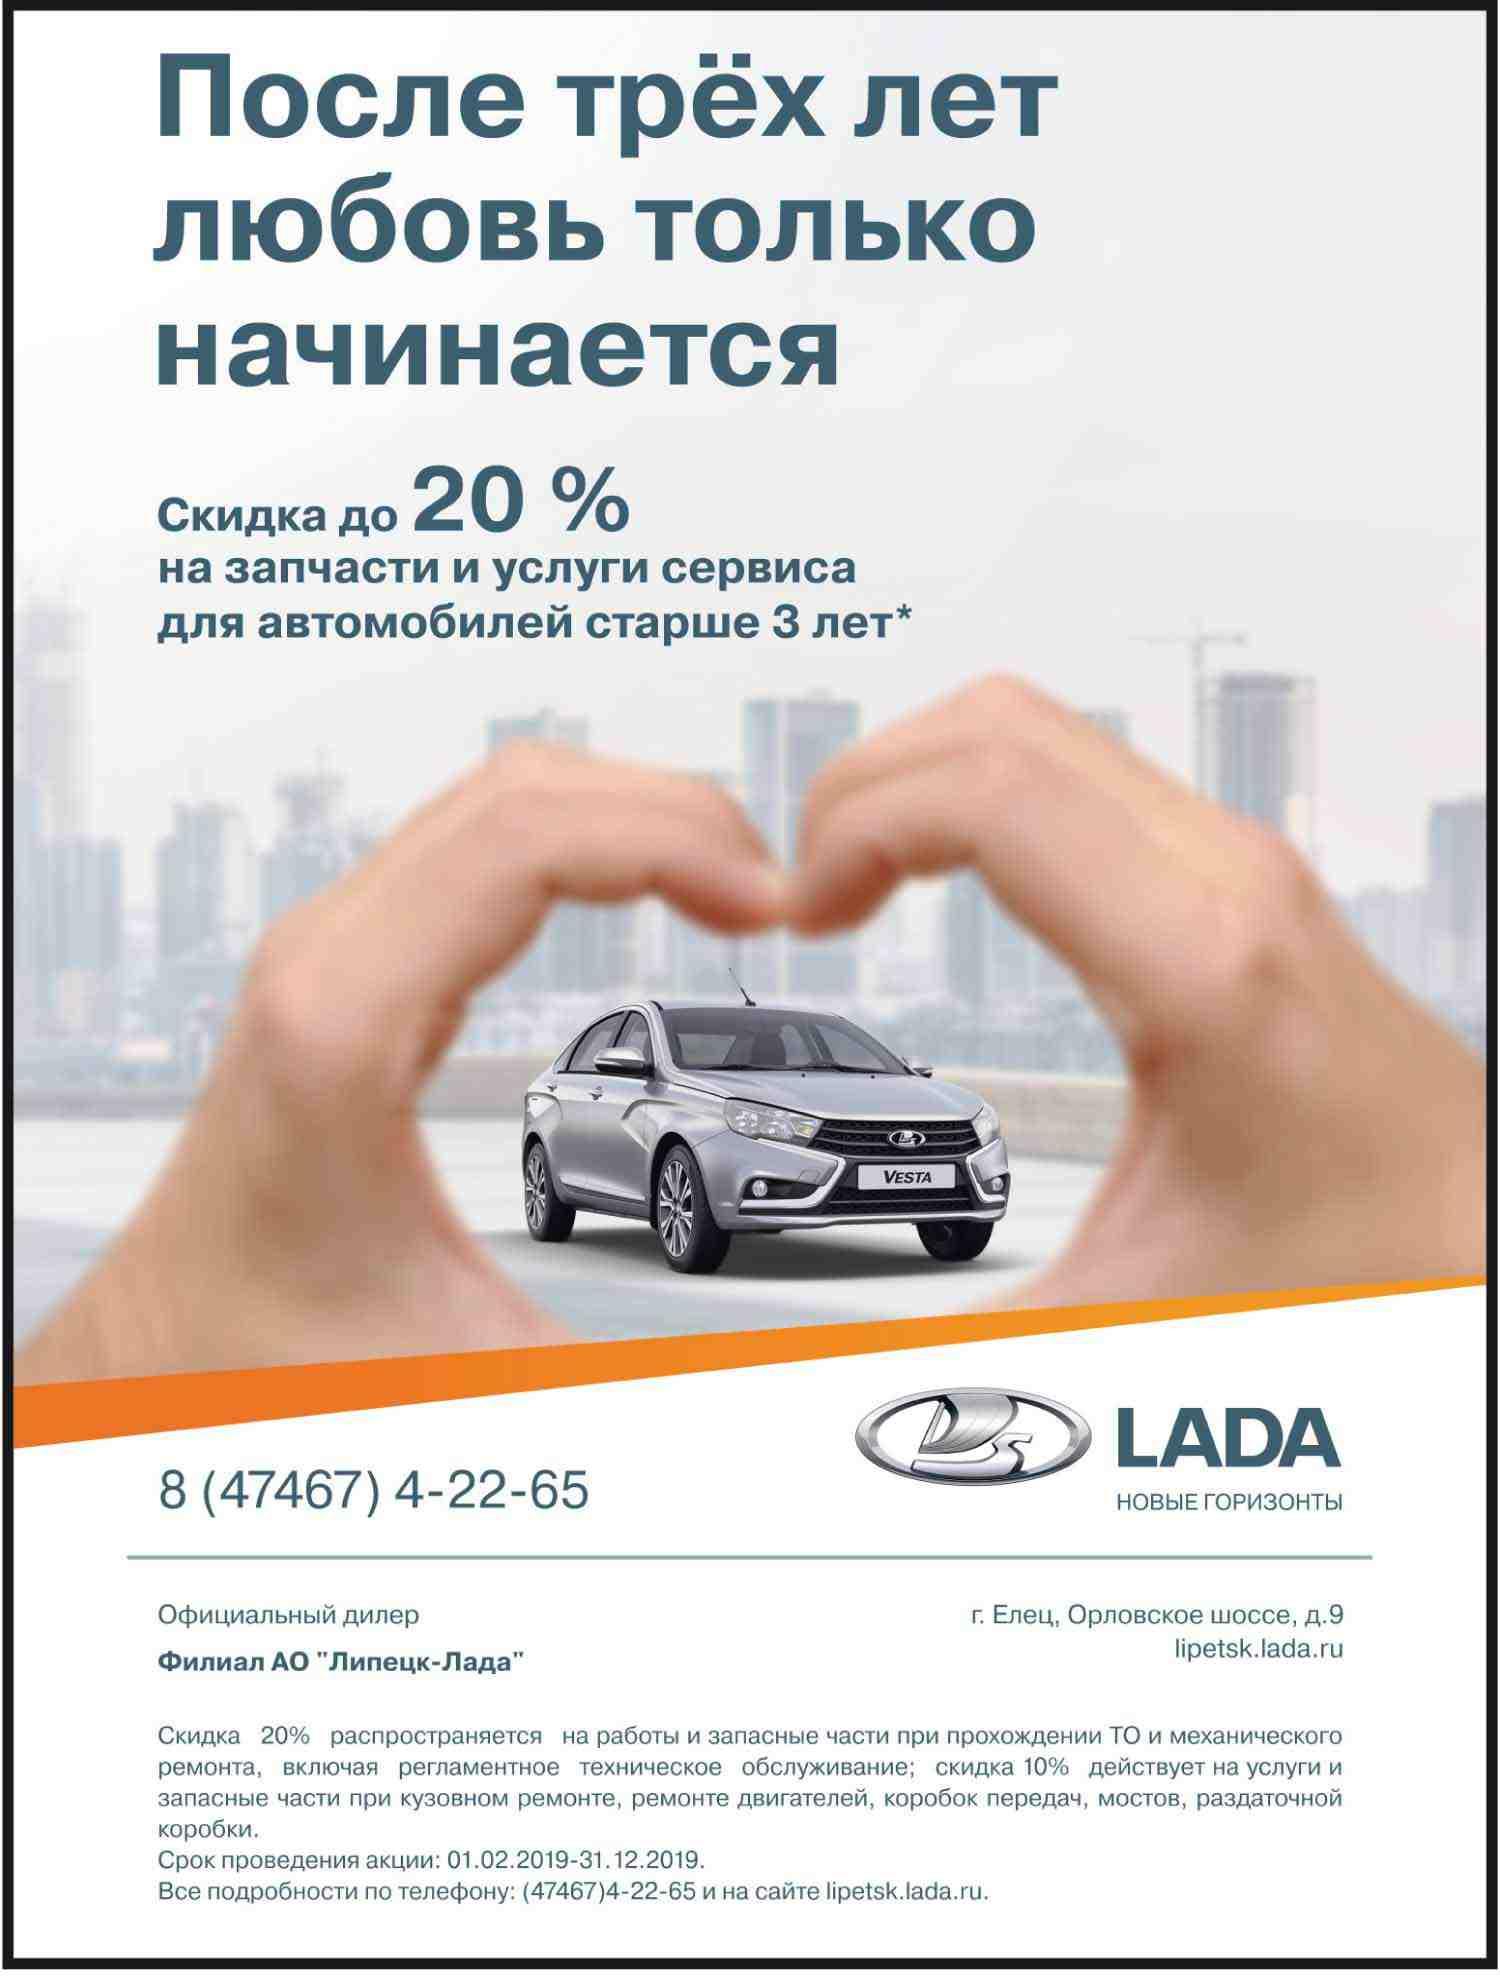 Запчасти и услуги сервиса Орловское шоссе, 9 Тел. 8 (474) 674-22-65